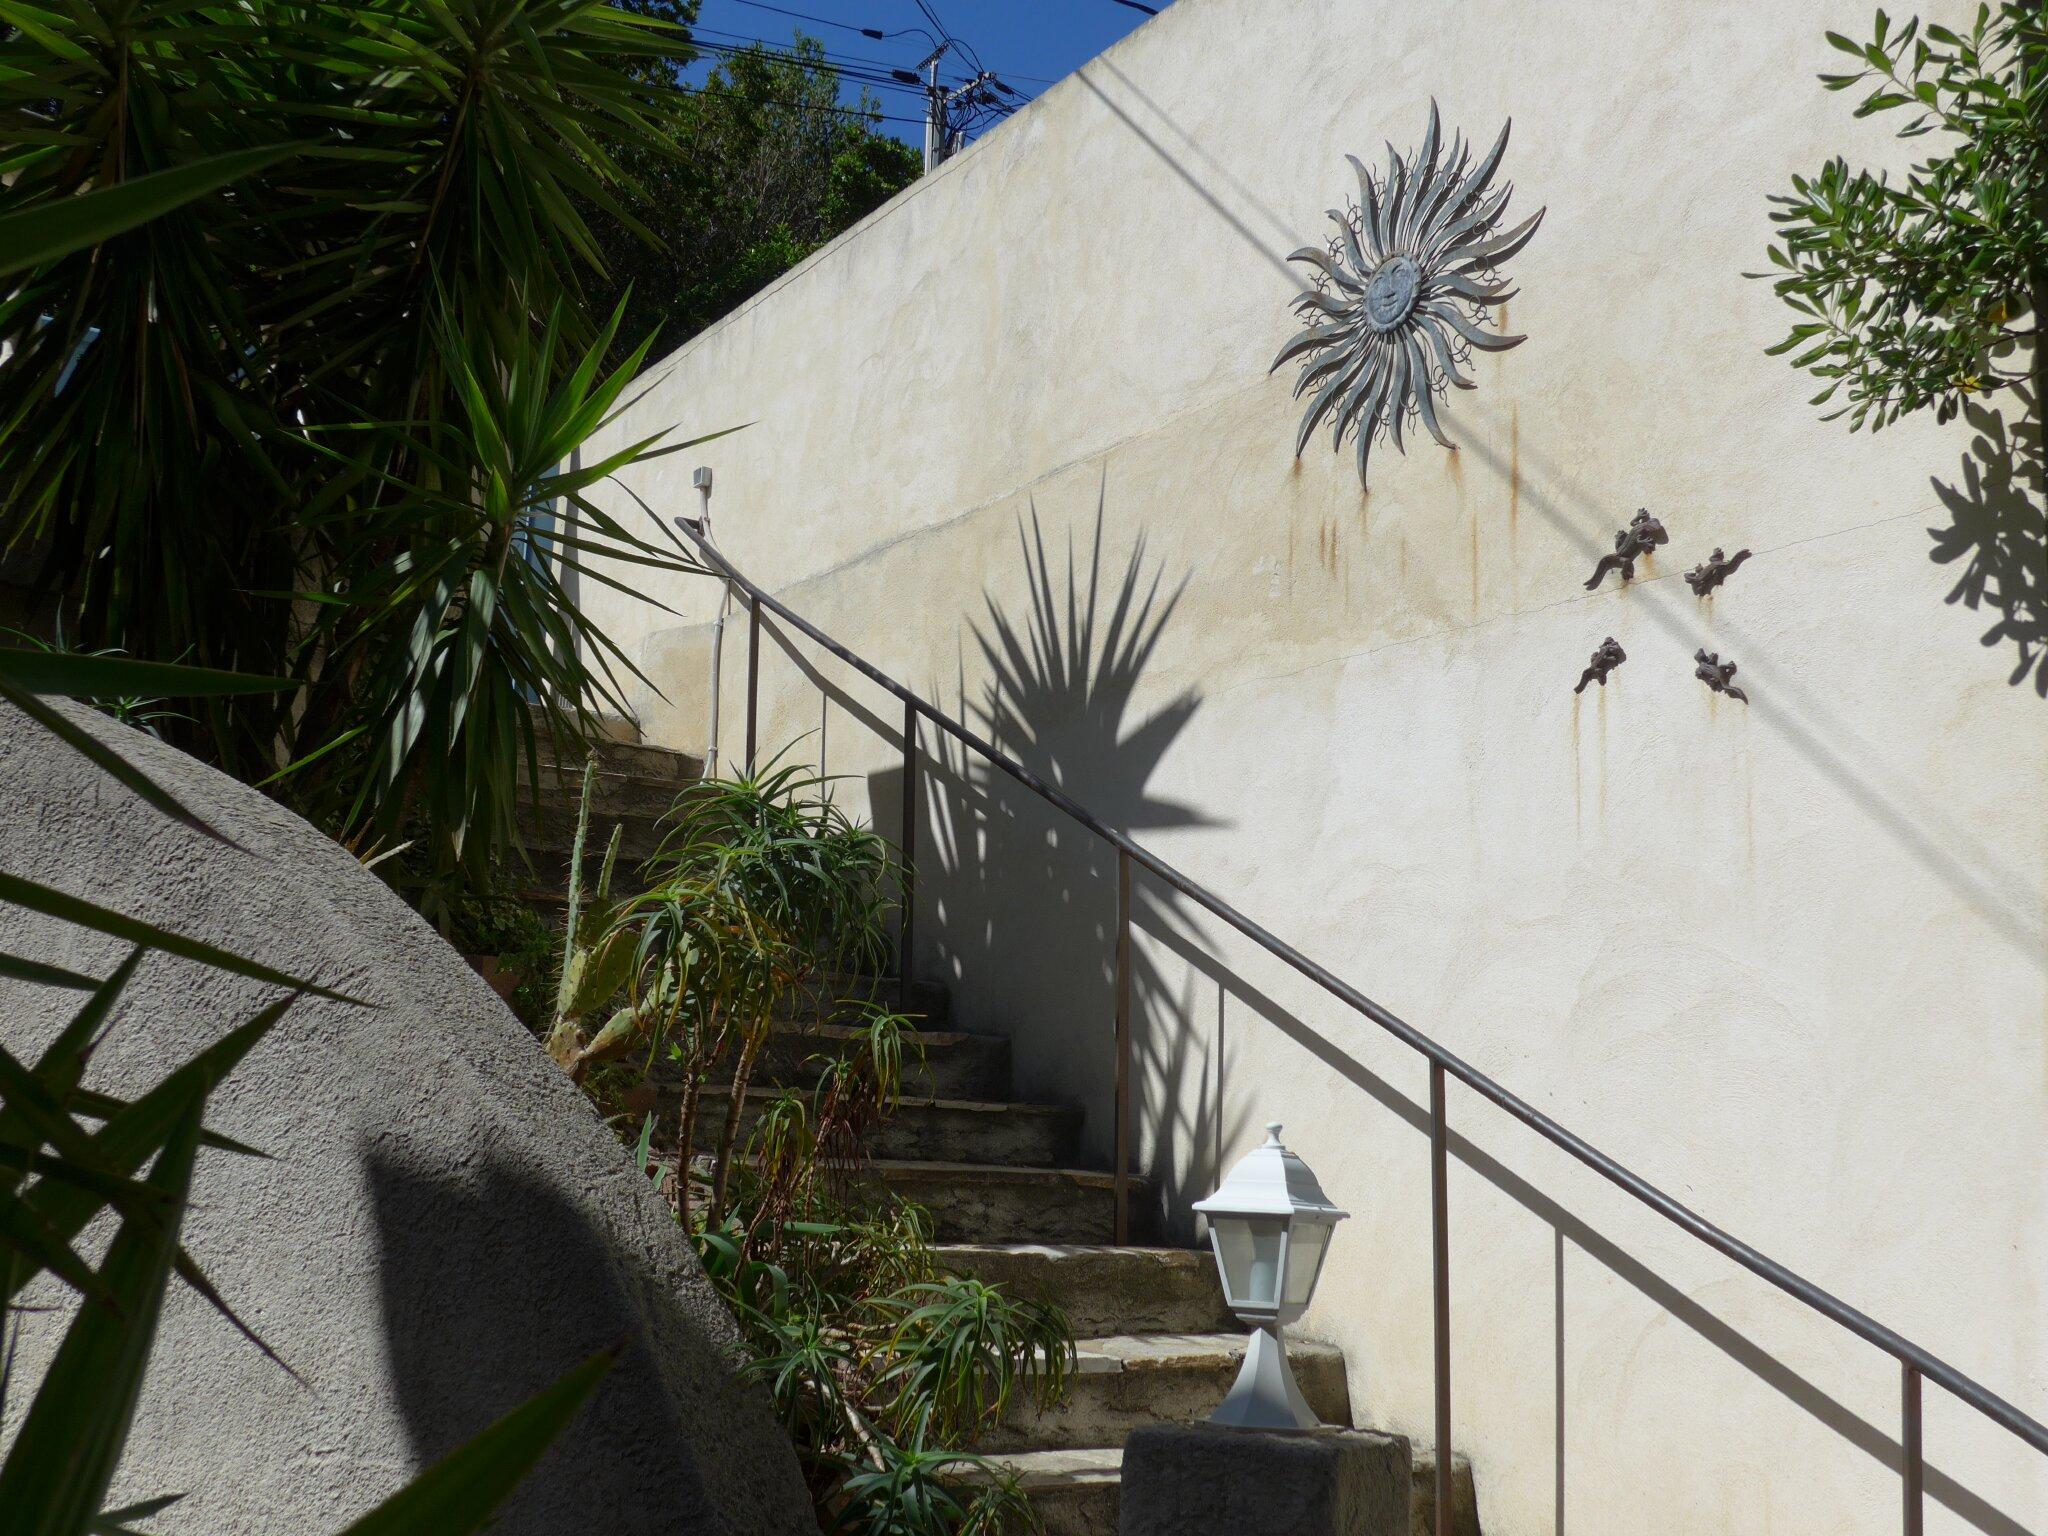 Das Haus von der Straßenseite